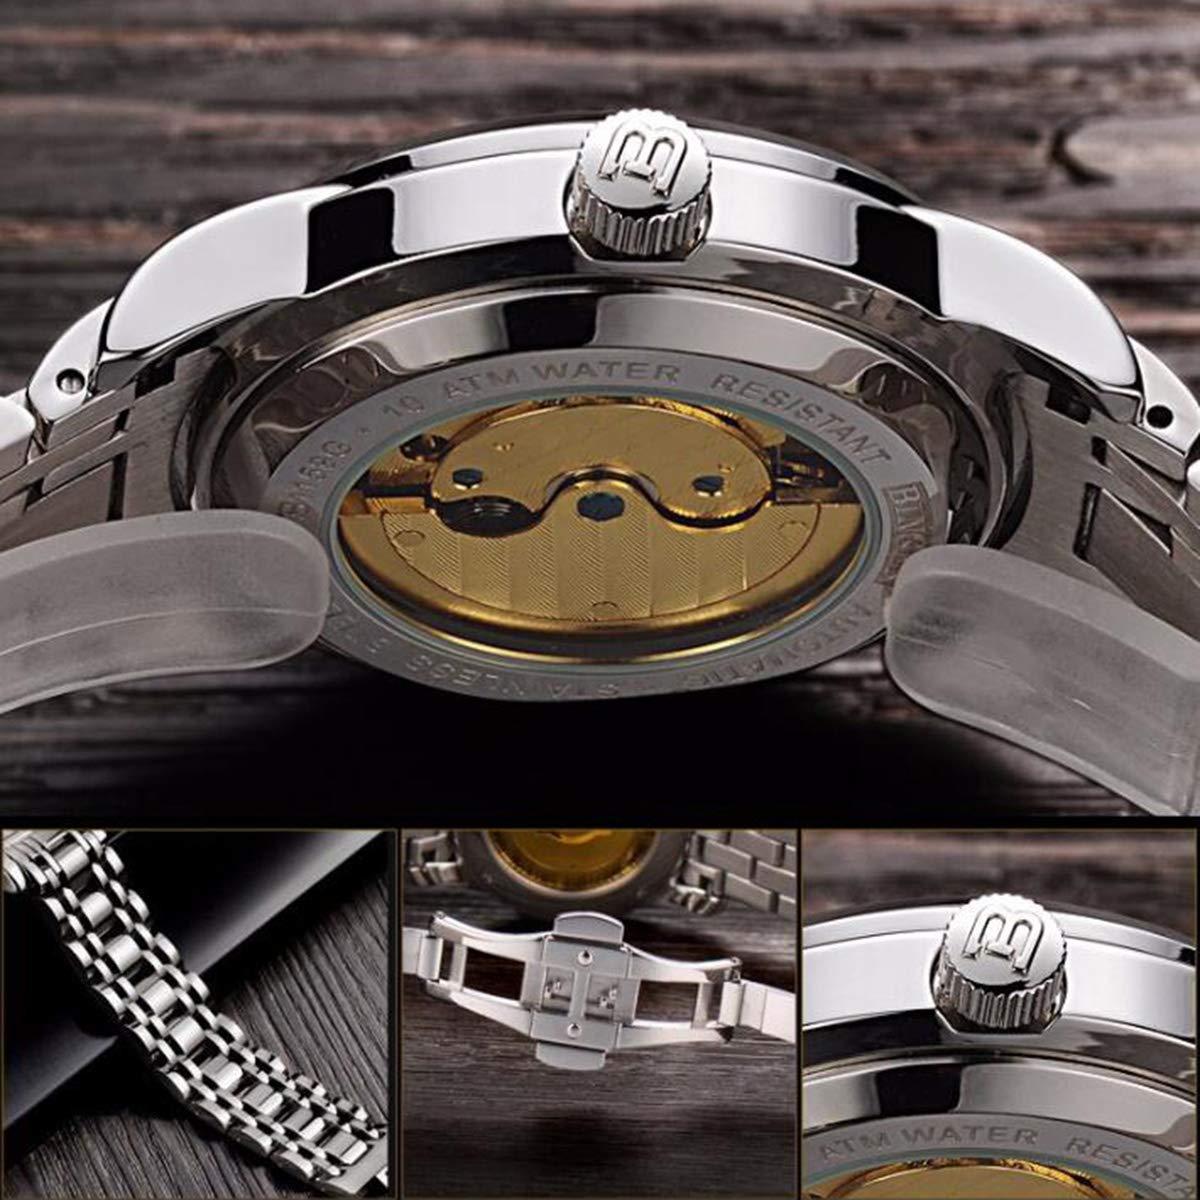 BINGER stål guld klocka män casual skelett vattentät lysande klockor militära klockor automatisk mekanisk klocka colorC